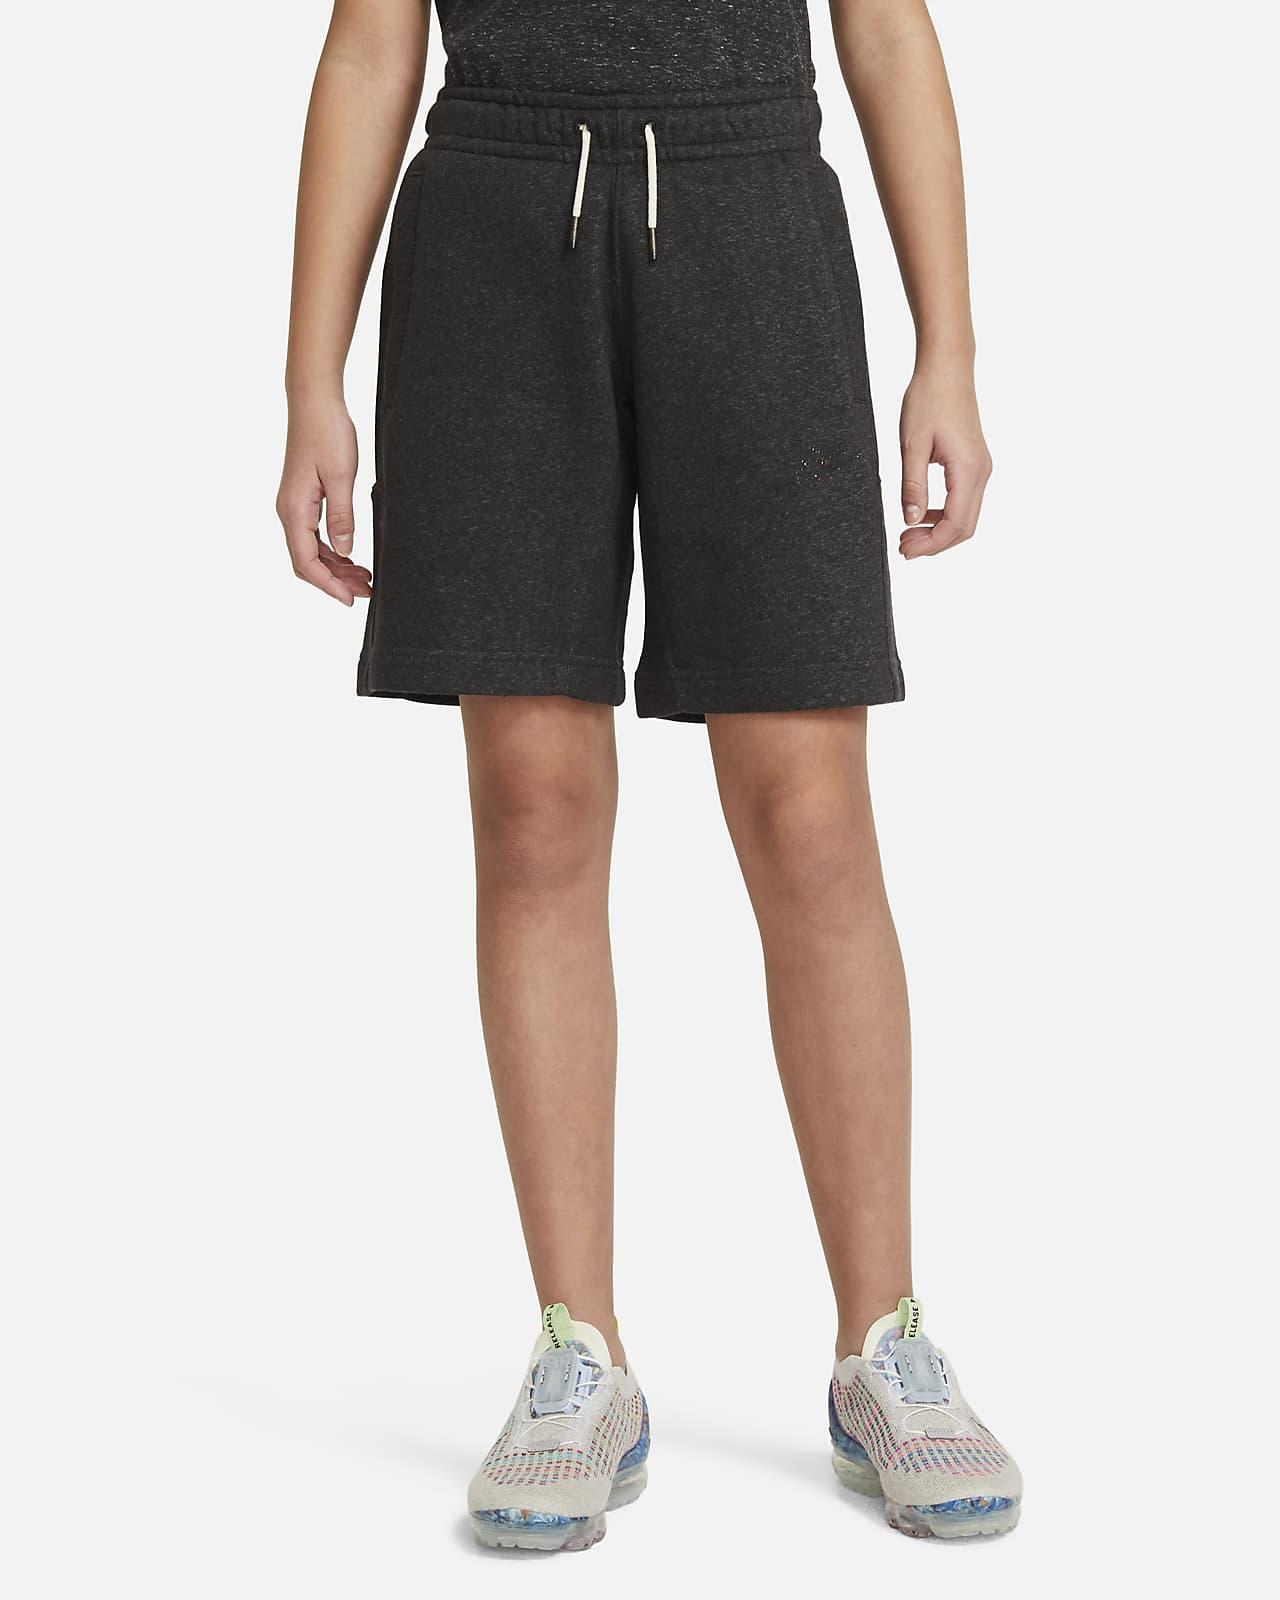 Nike Sportswear Older Kids' Shorts